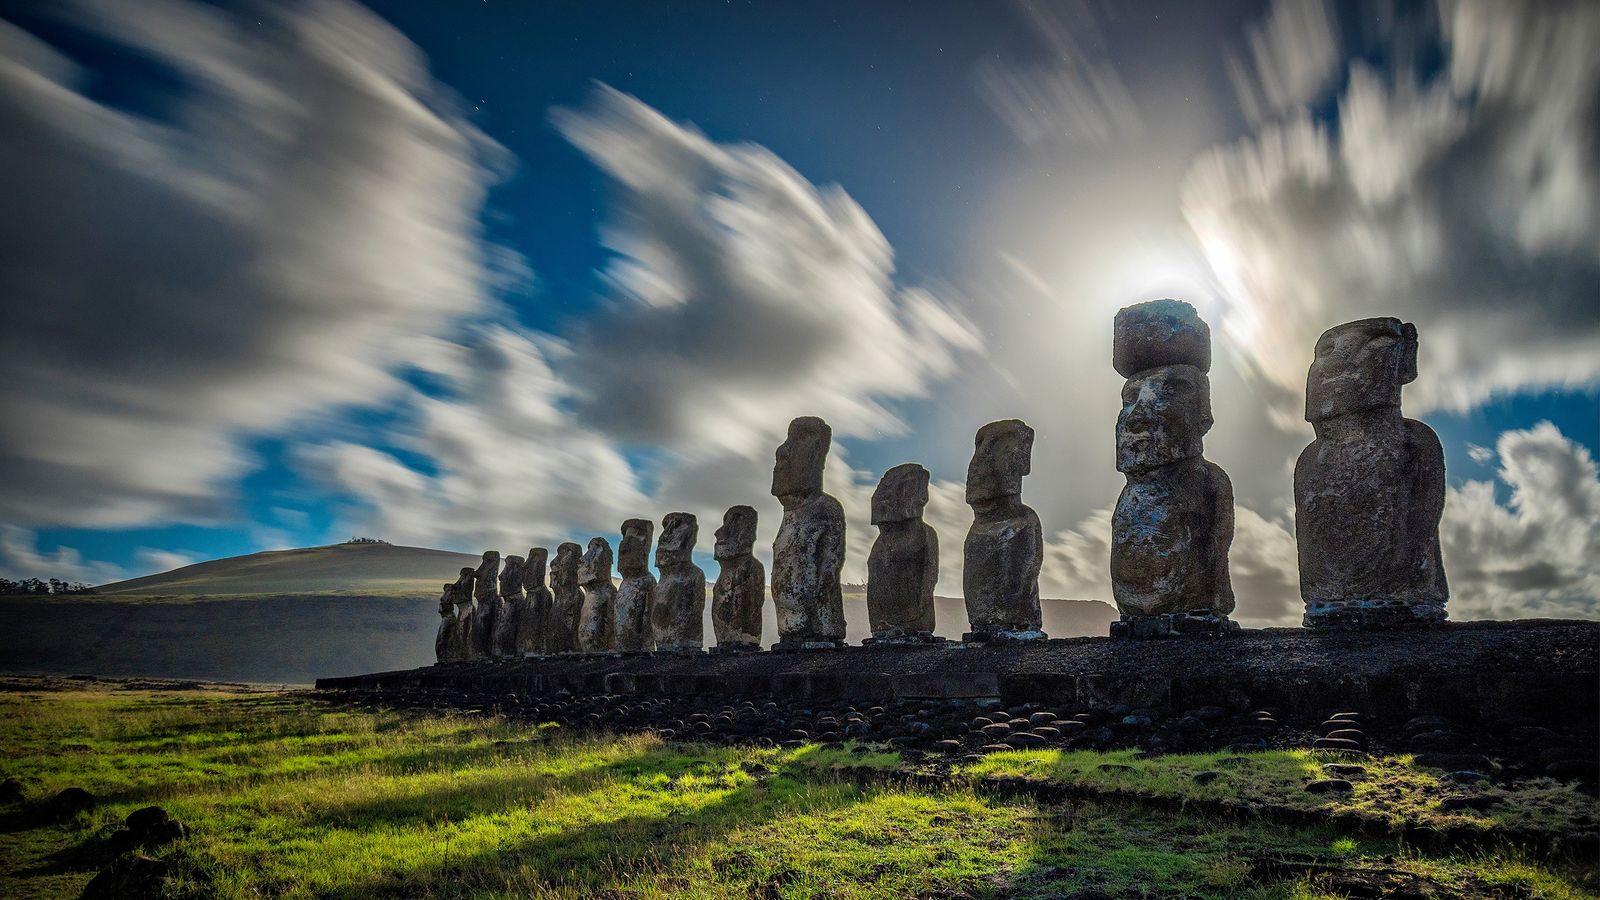 Nubes dando vueltas sobre las estatuas monolíticas de la Isla de Pascua.